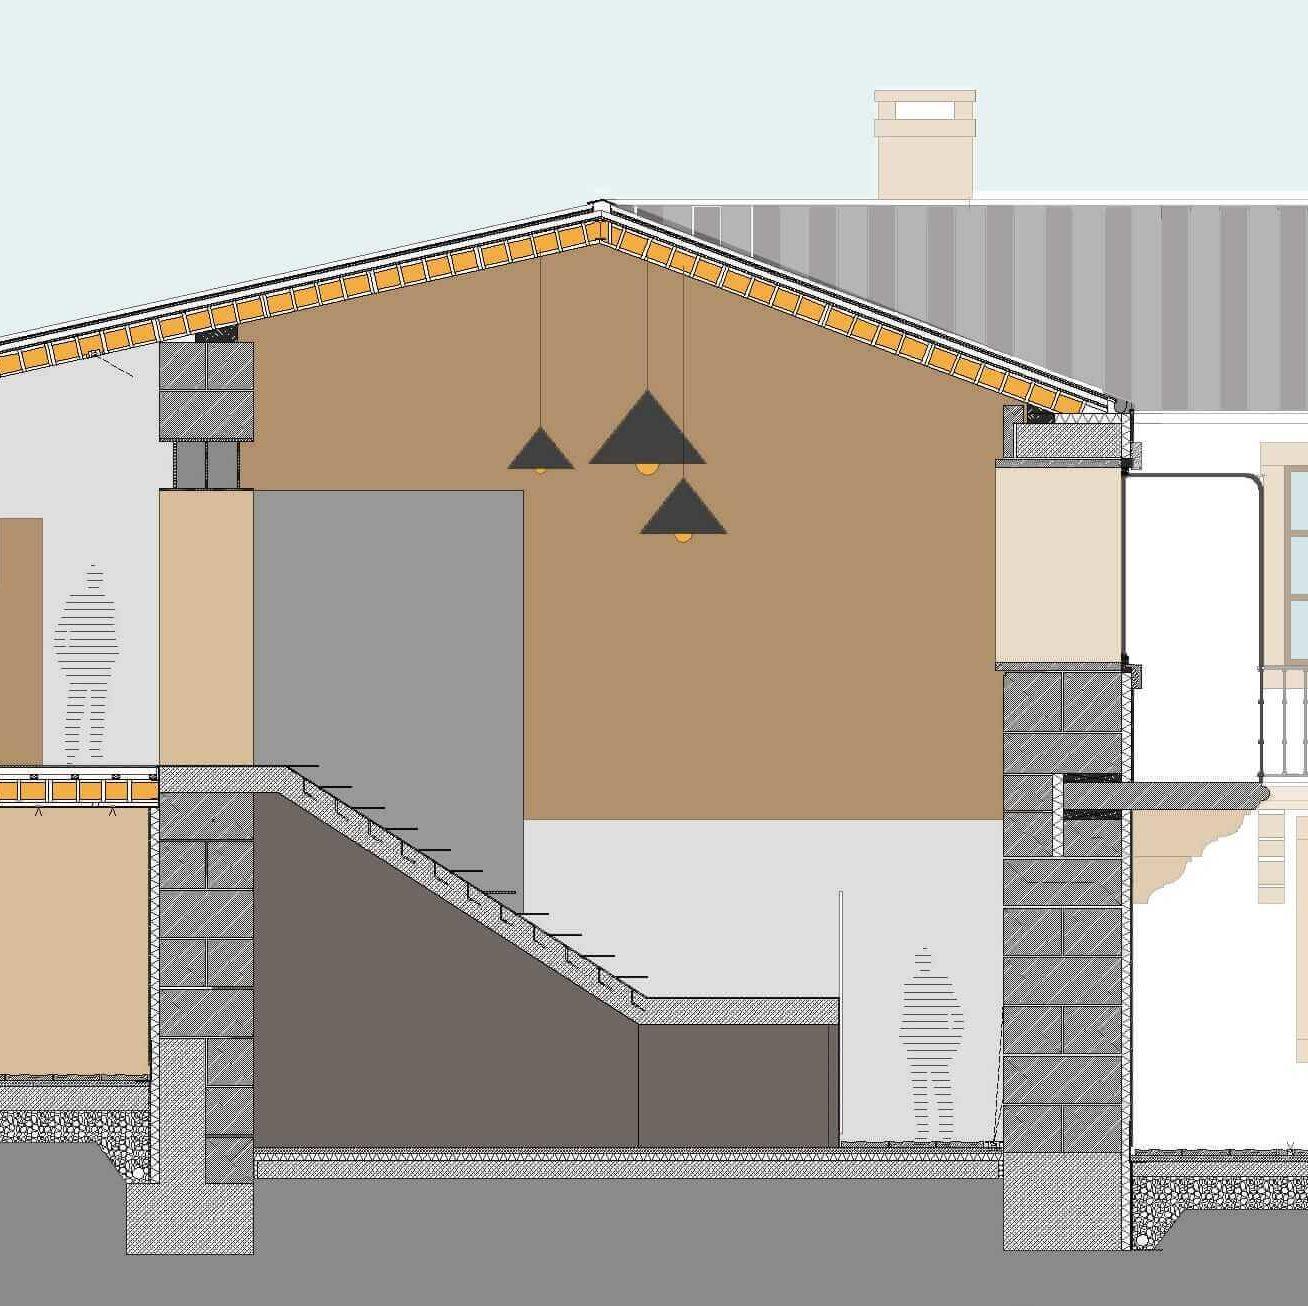 dqarquitectura-arquitectura-paisaje-proyecto-rehabilitación-pazo-de -piedra-ourense-seccion-constructiva